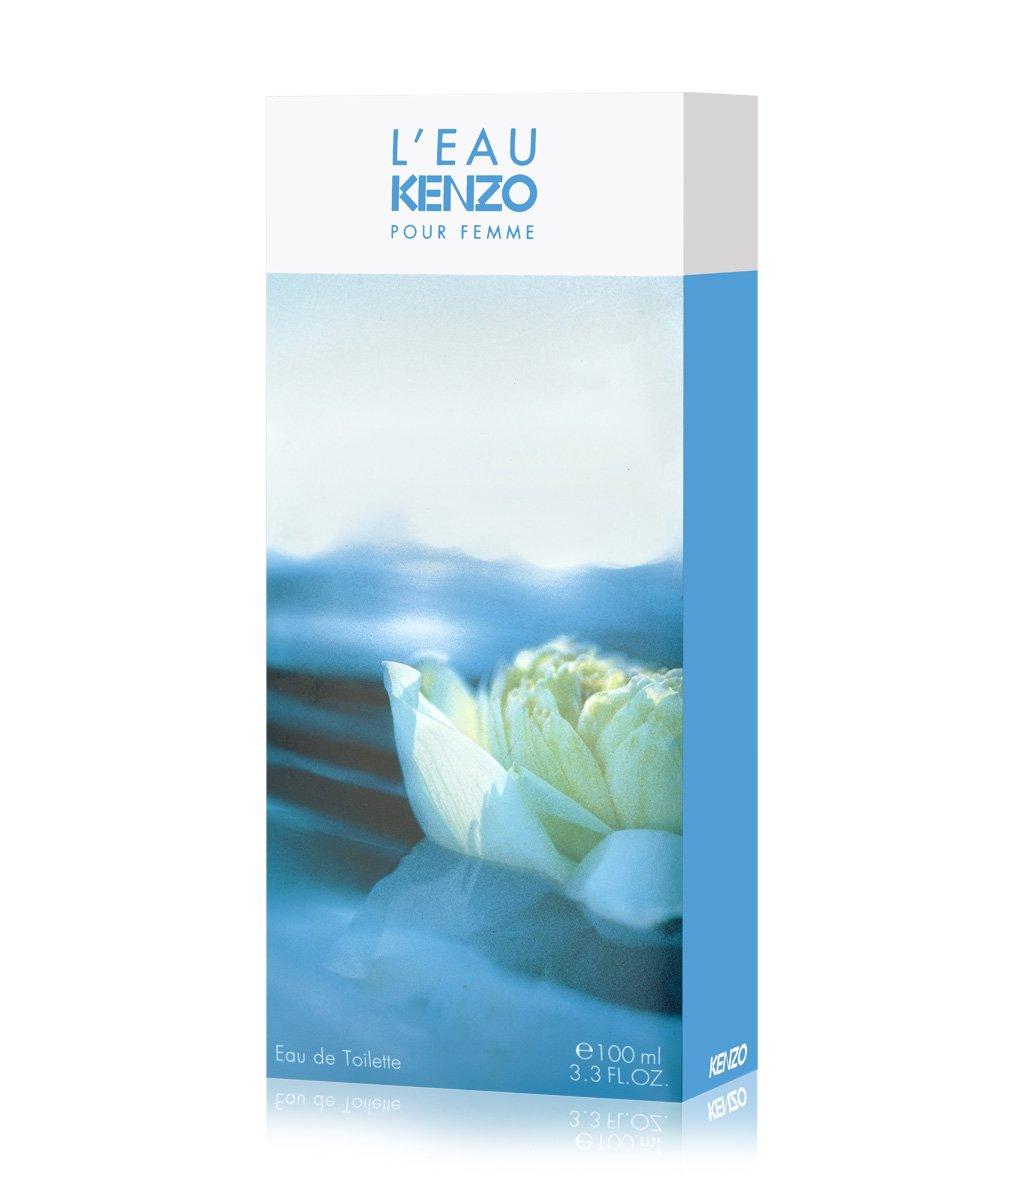 gratisproben bestellen parfum